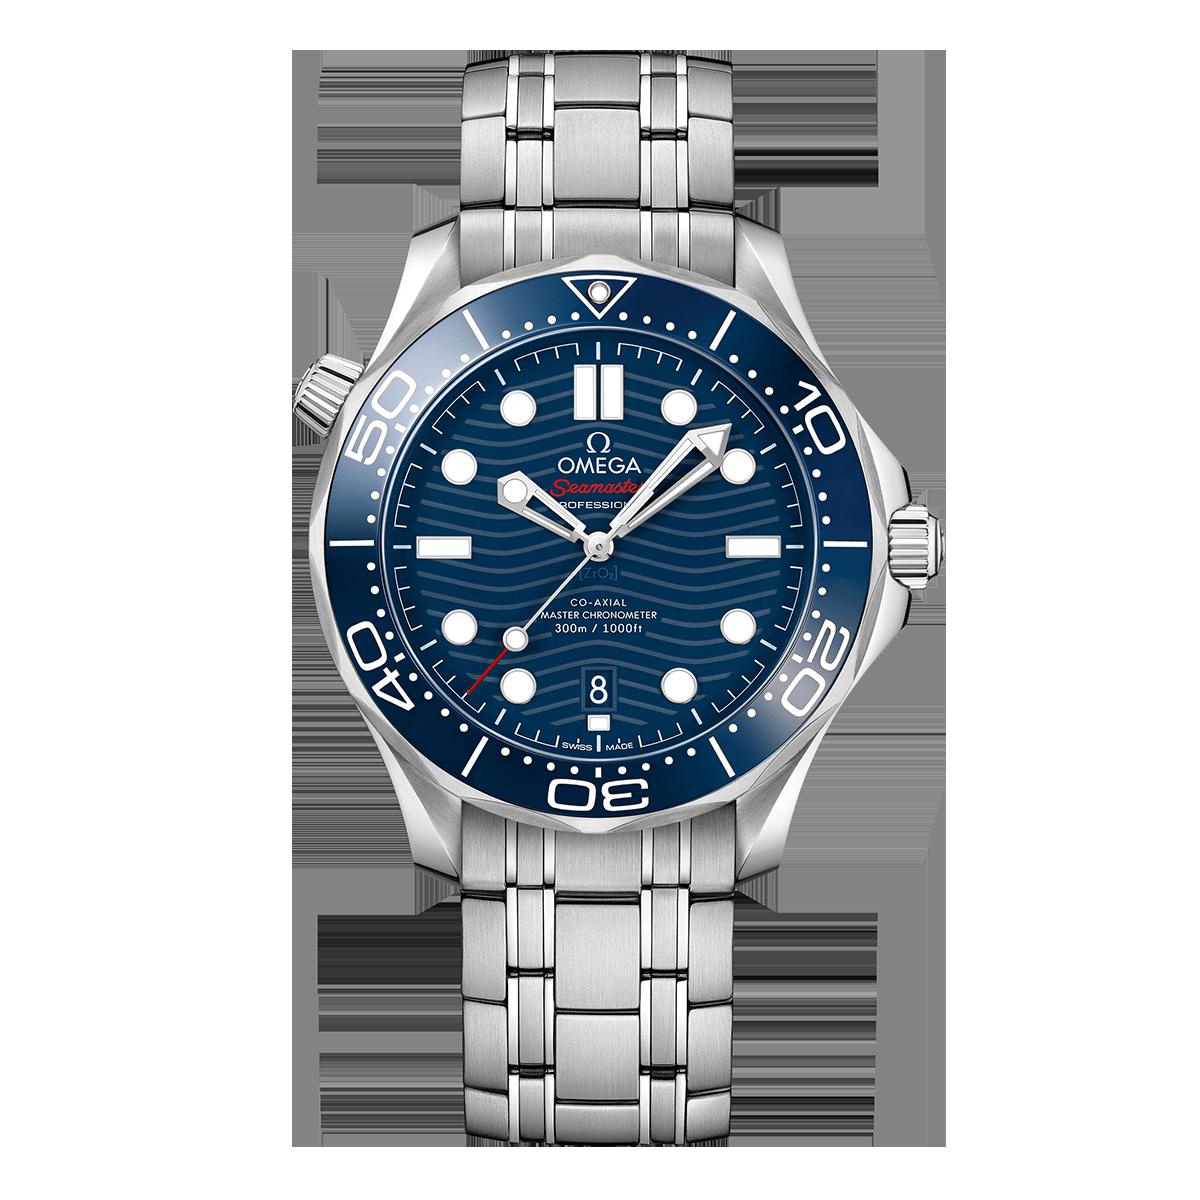 omega-seamaster-diver-300m-omega-co-axial-42-mm-21030422003001-1_hos Jarl Sandin